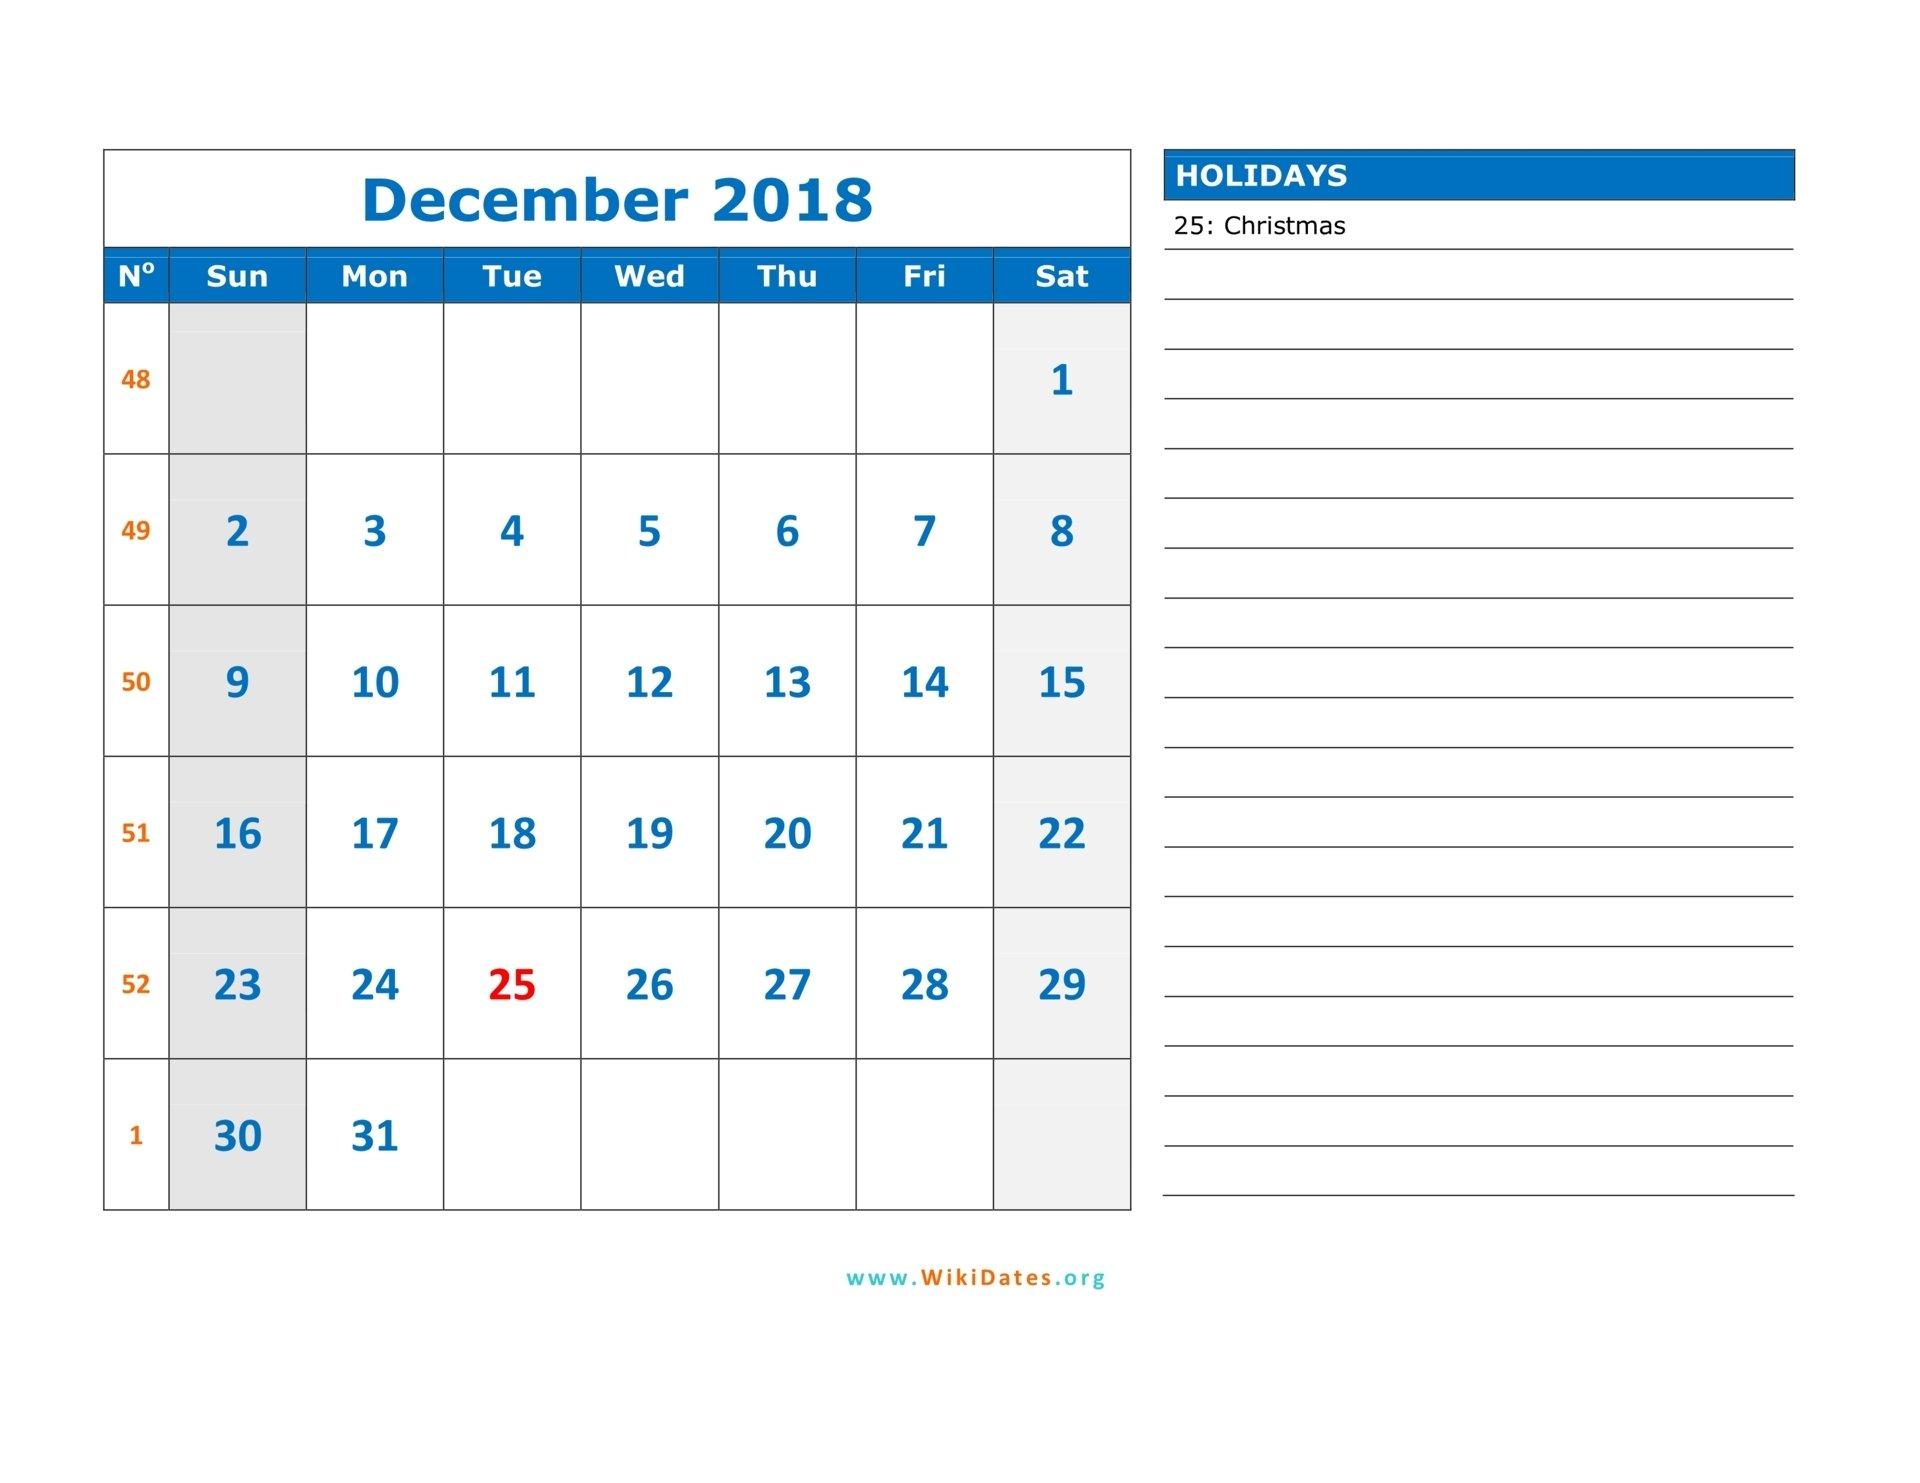 December 2018 Calendar | Wikidates 1 Week Calendar Pdf